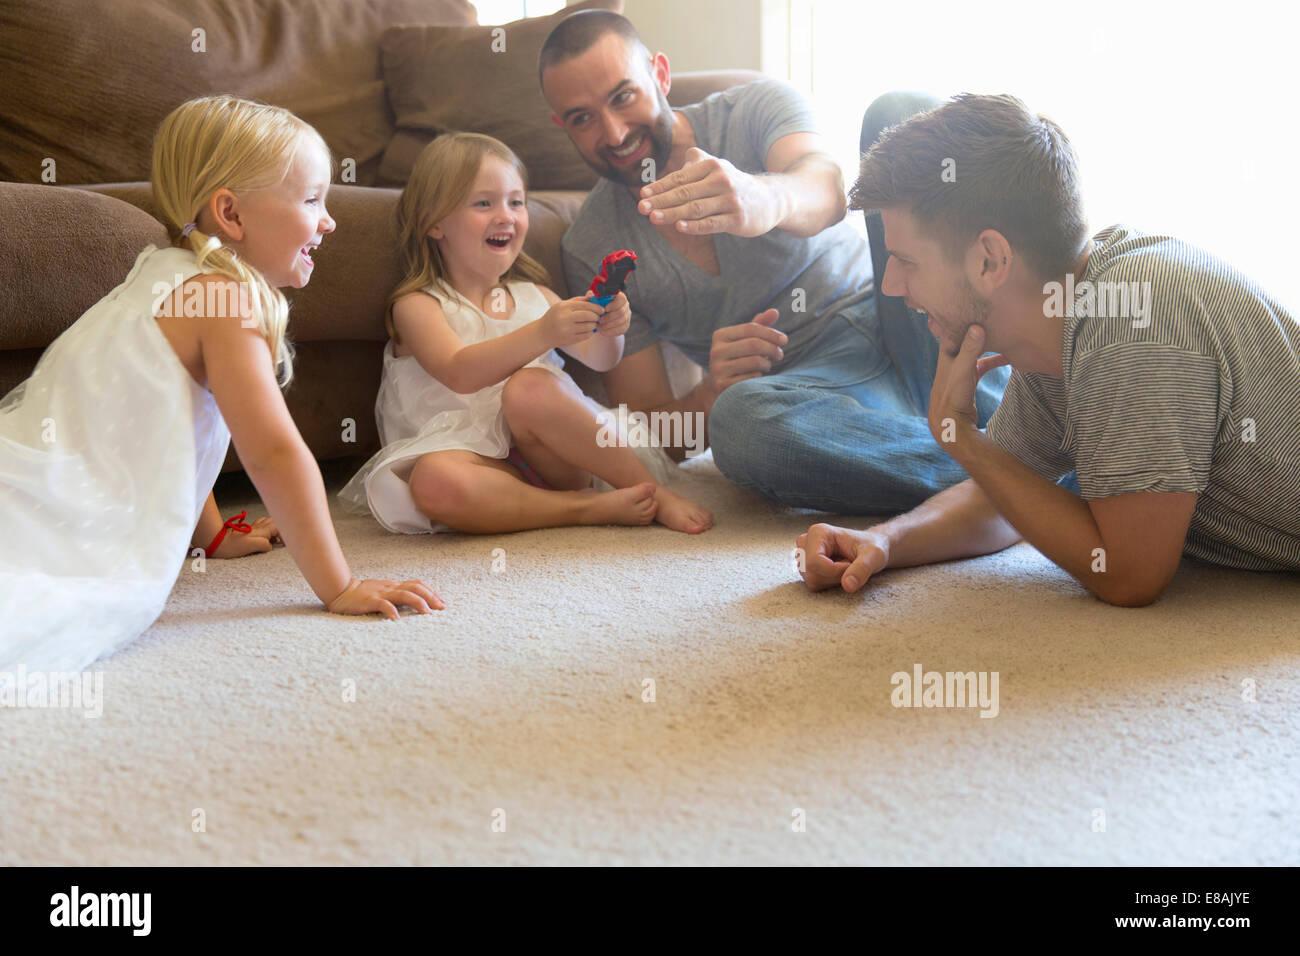 Männlichen Partner und zwei Töchter spielen im Wohnzimmer Stock Stockbild